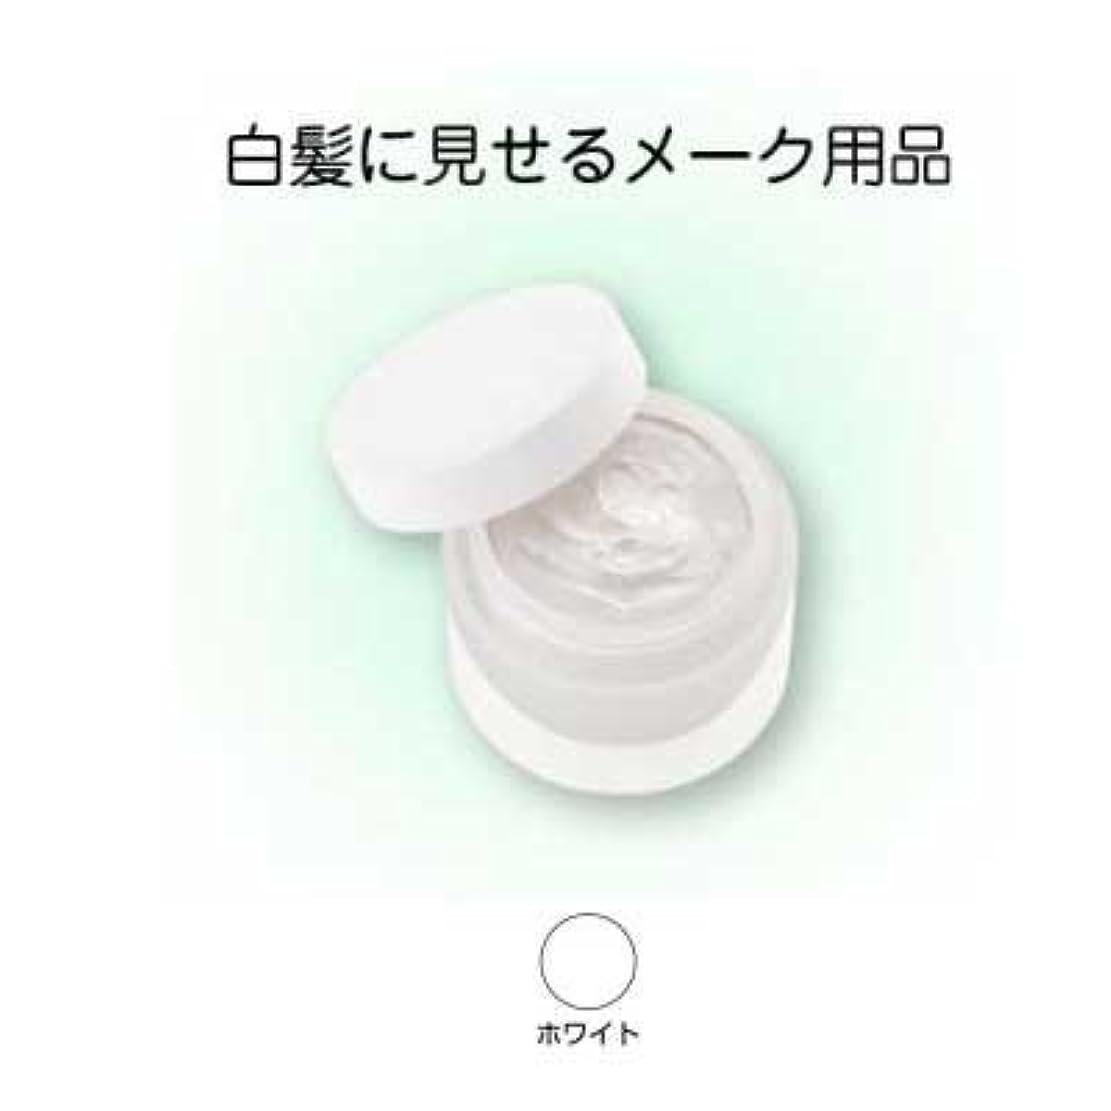 寝具通り薬局ヘアシルバー 33g ホワイト【三善】